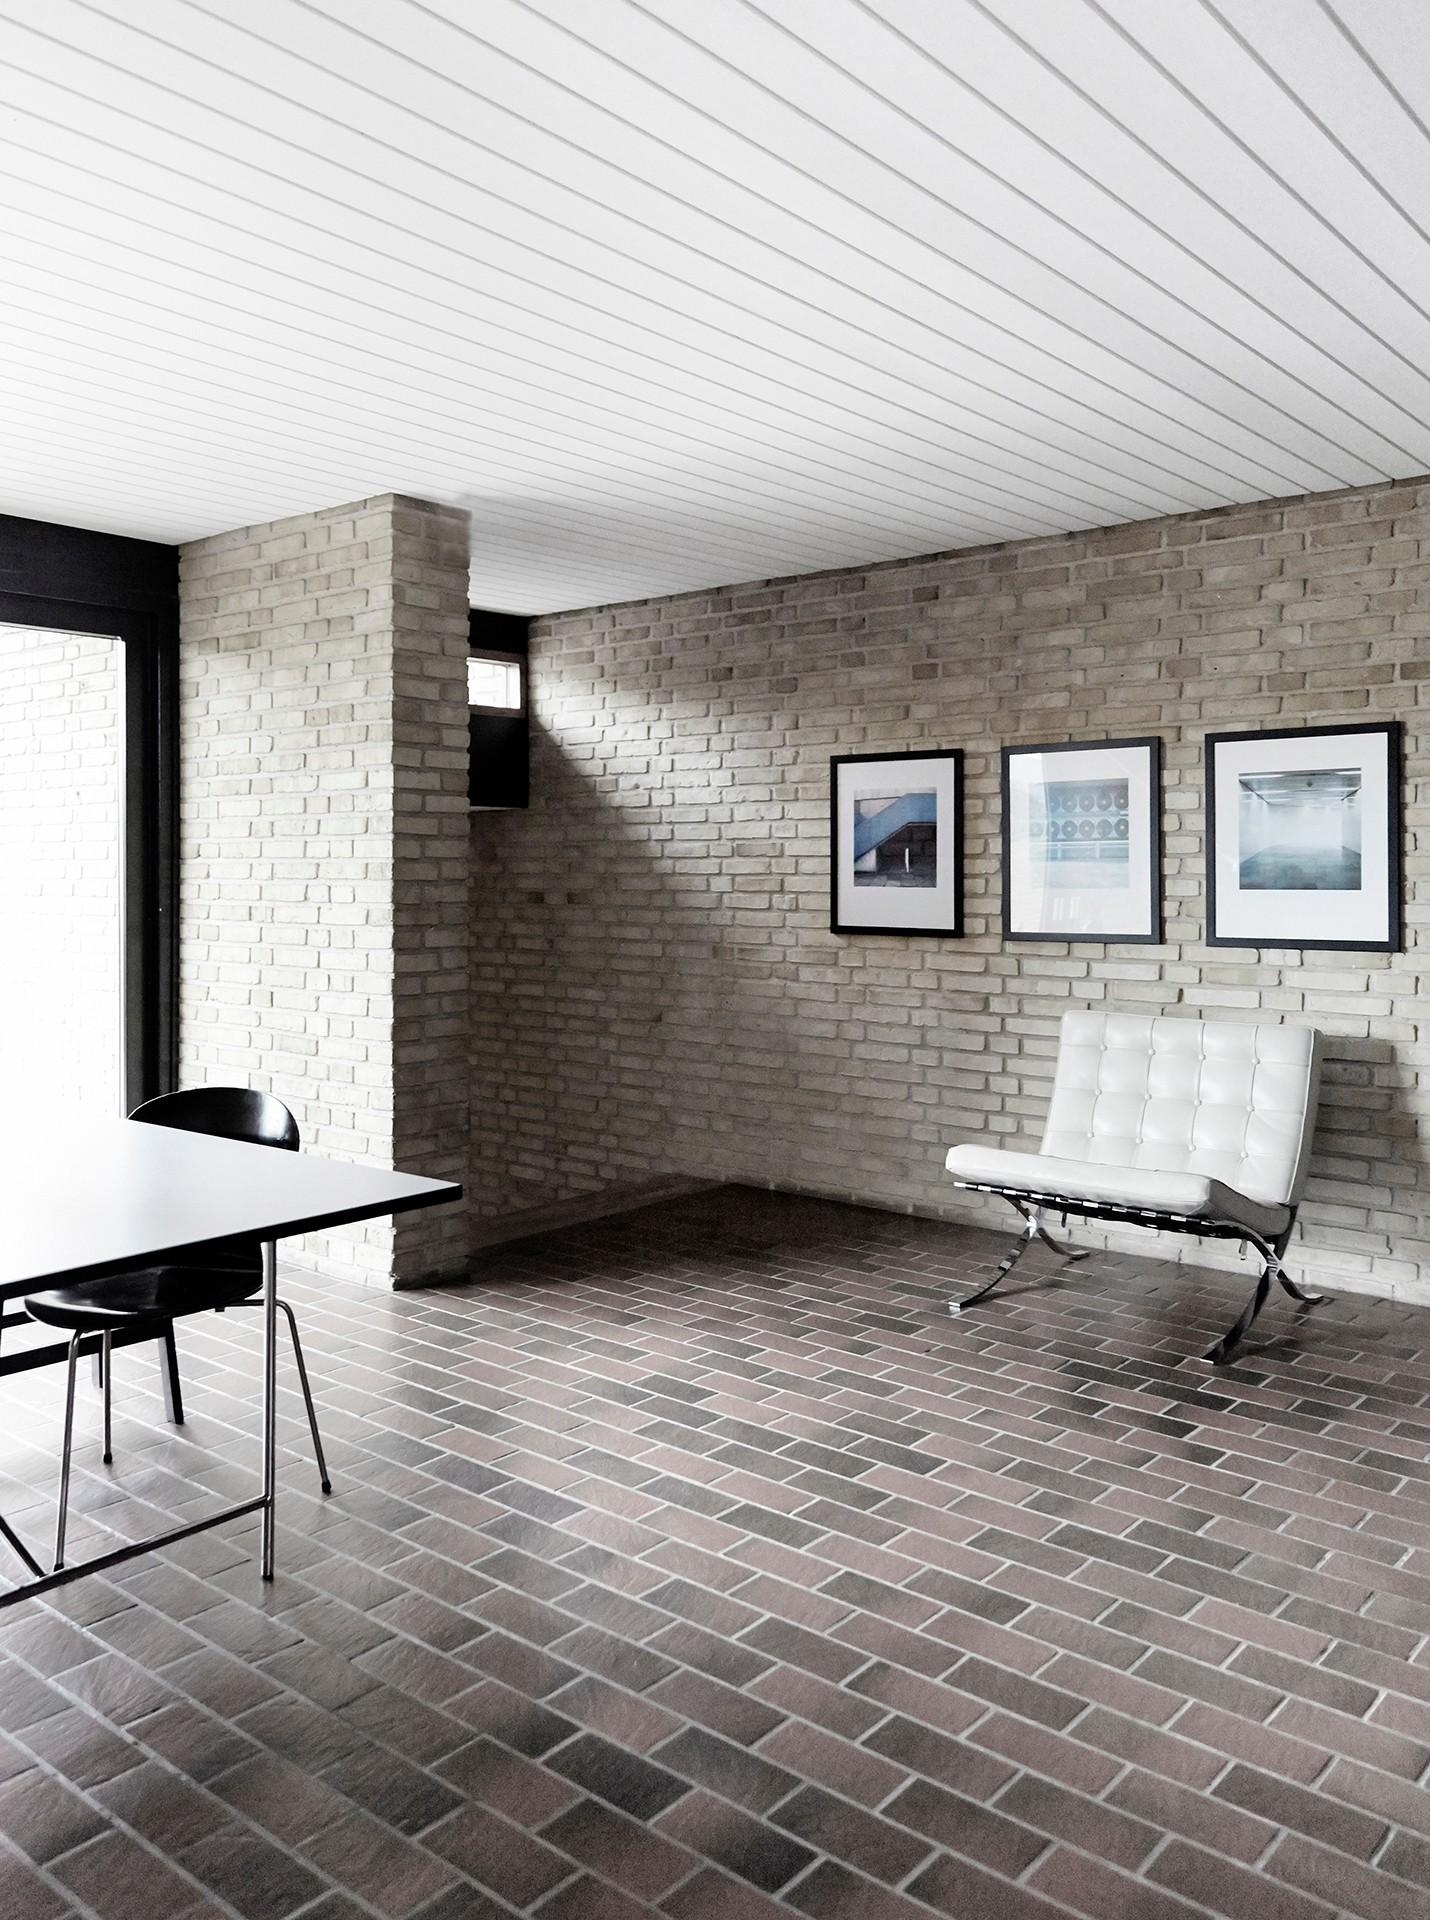 sofie-ladefoged-interior-villa-ladefoged-26.jpg